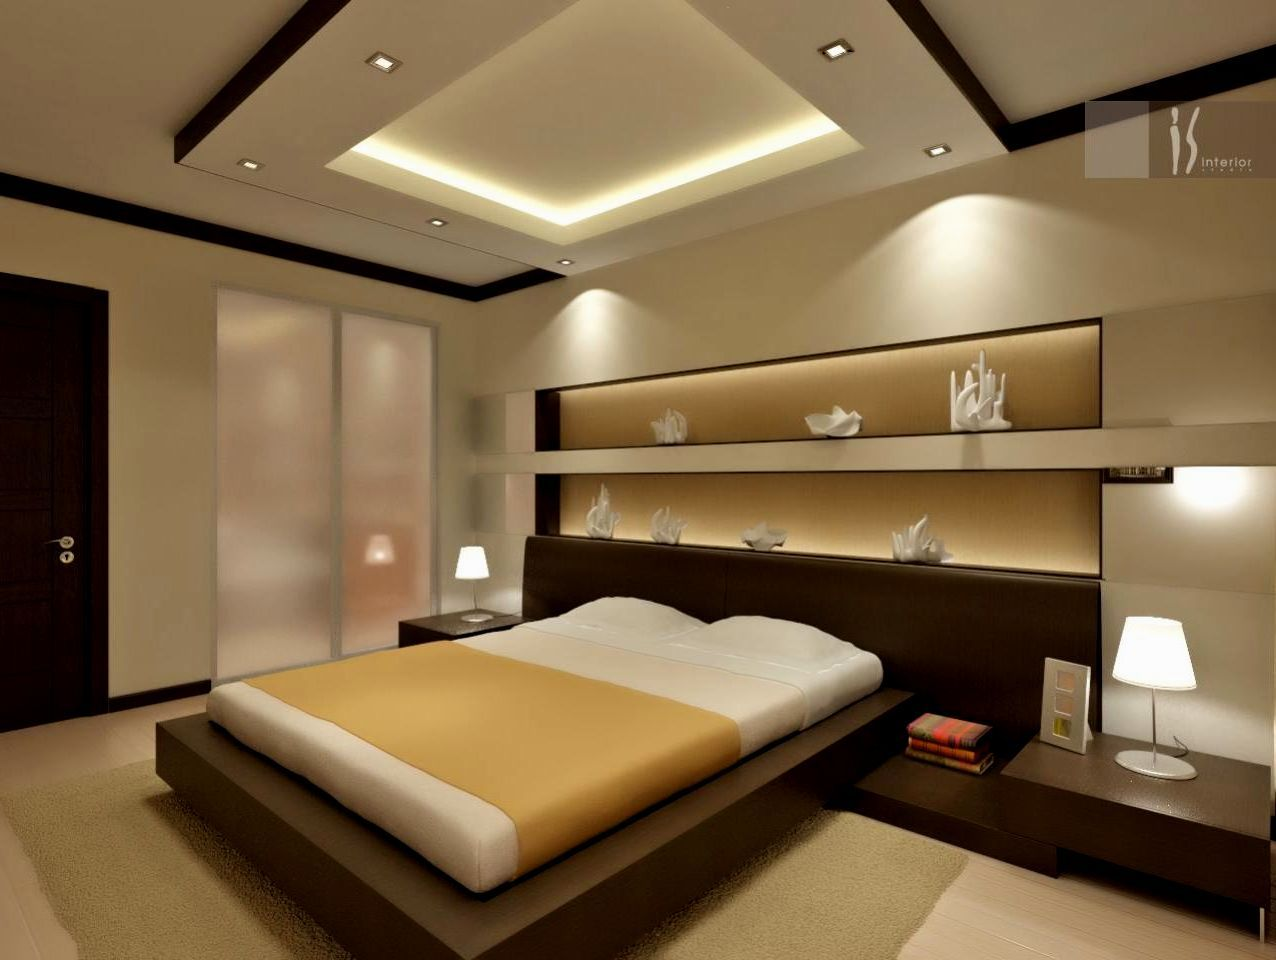 Bedroom Ceiling Designs 2016